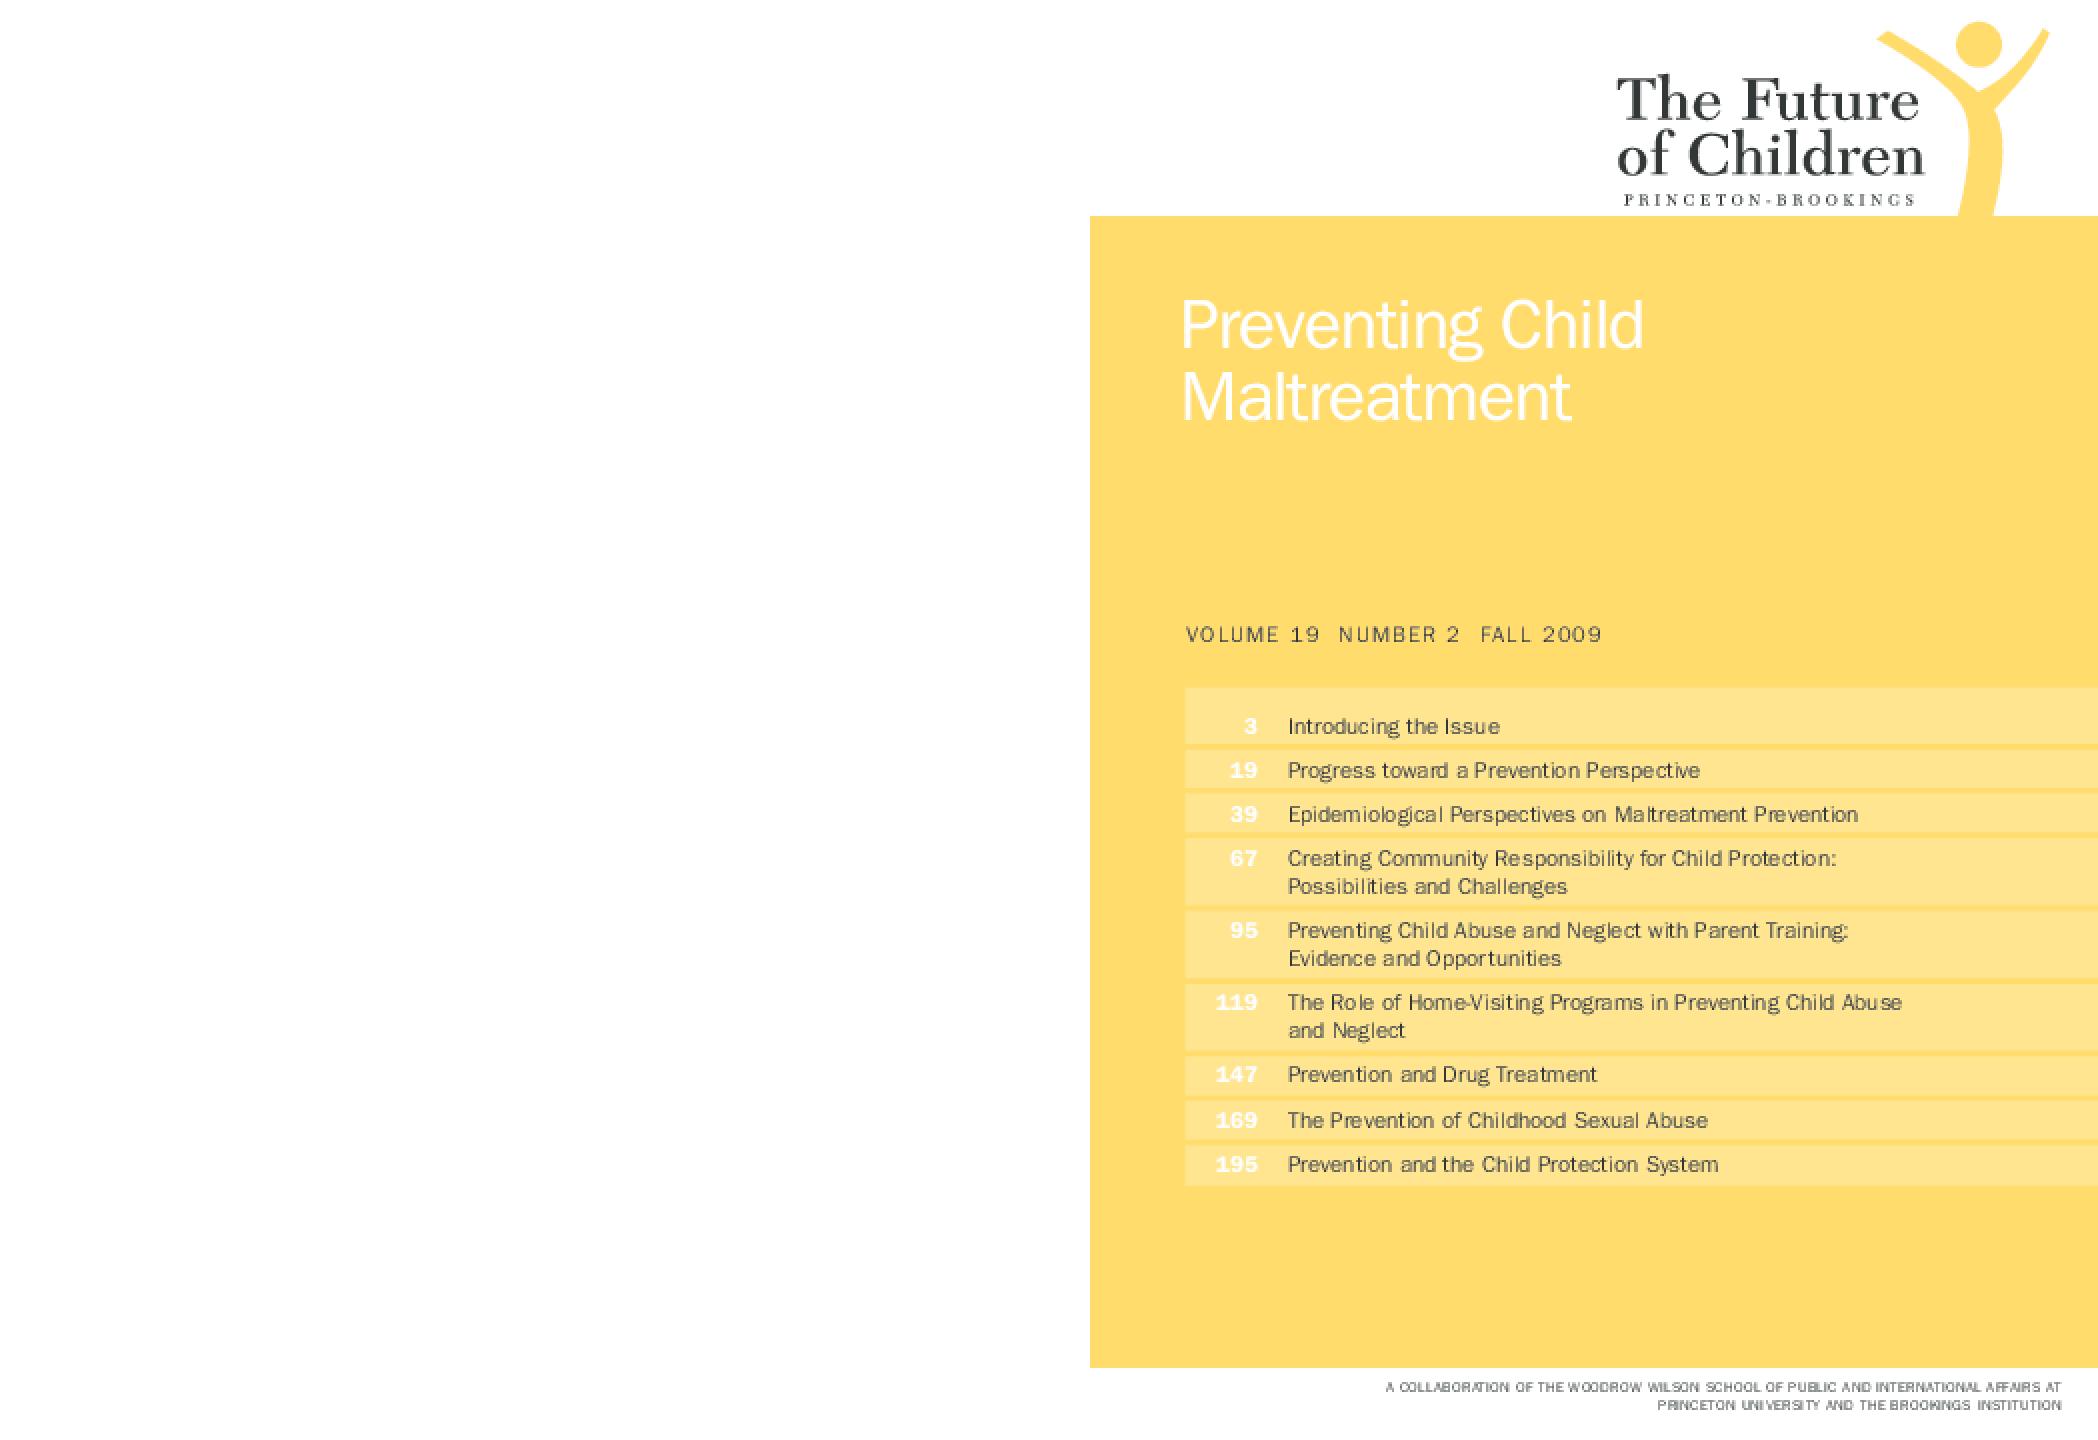 The Future of Children: Preventing Child Maltreatment